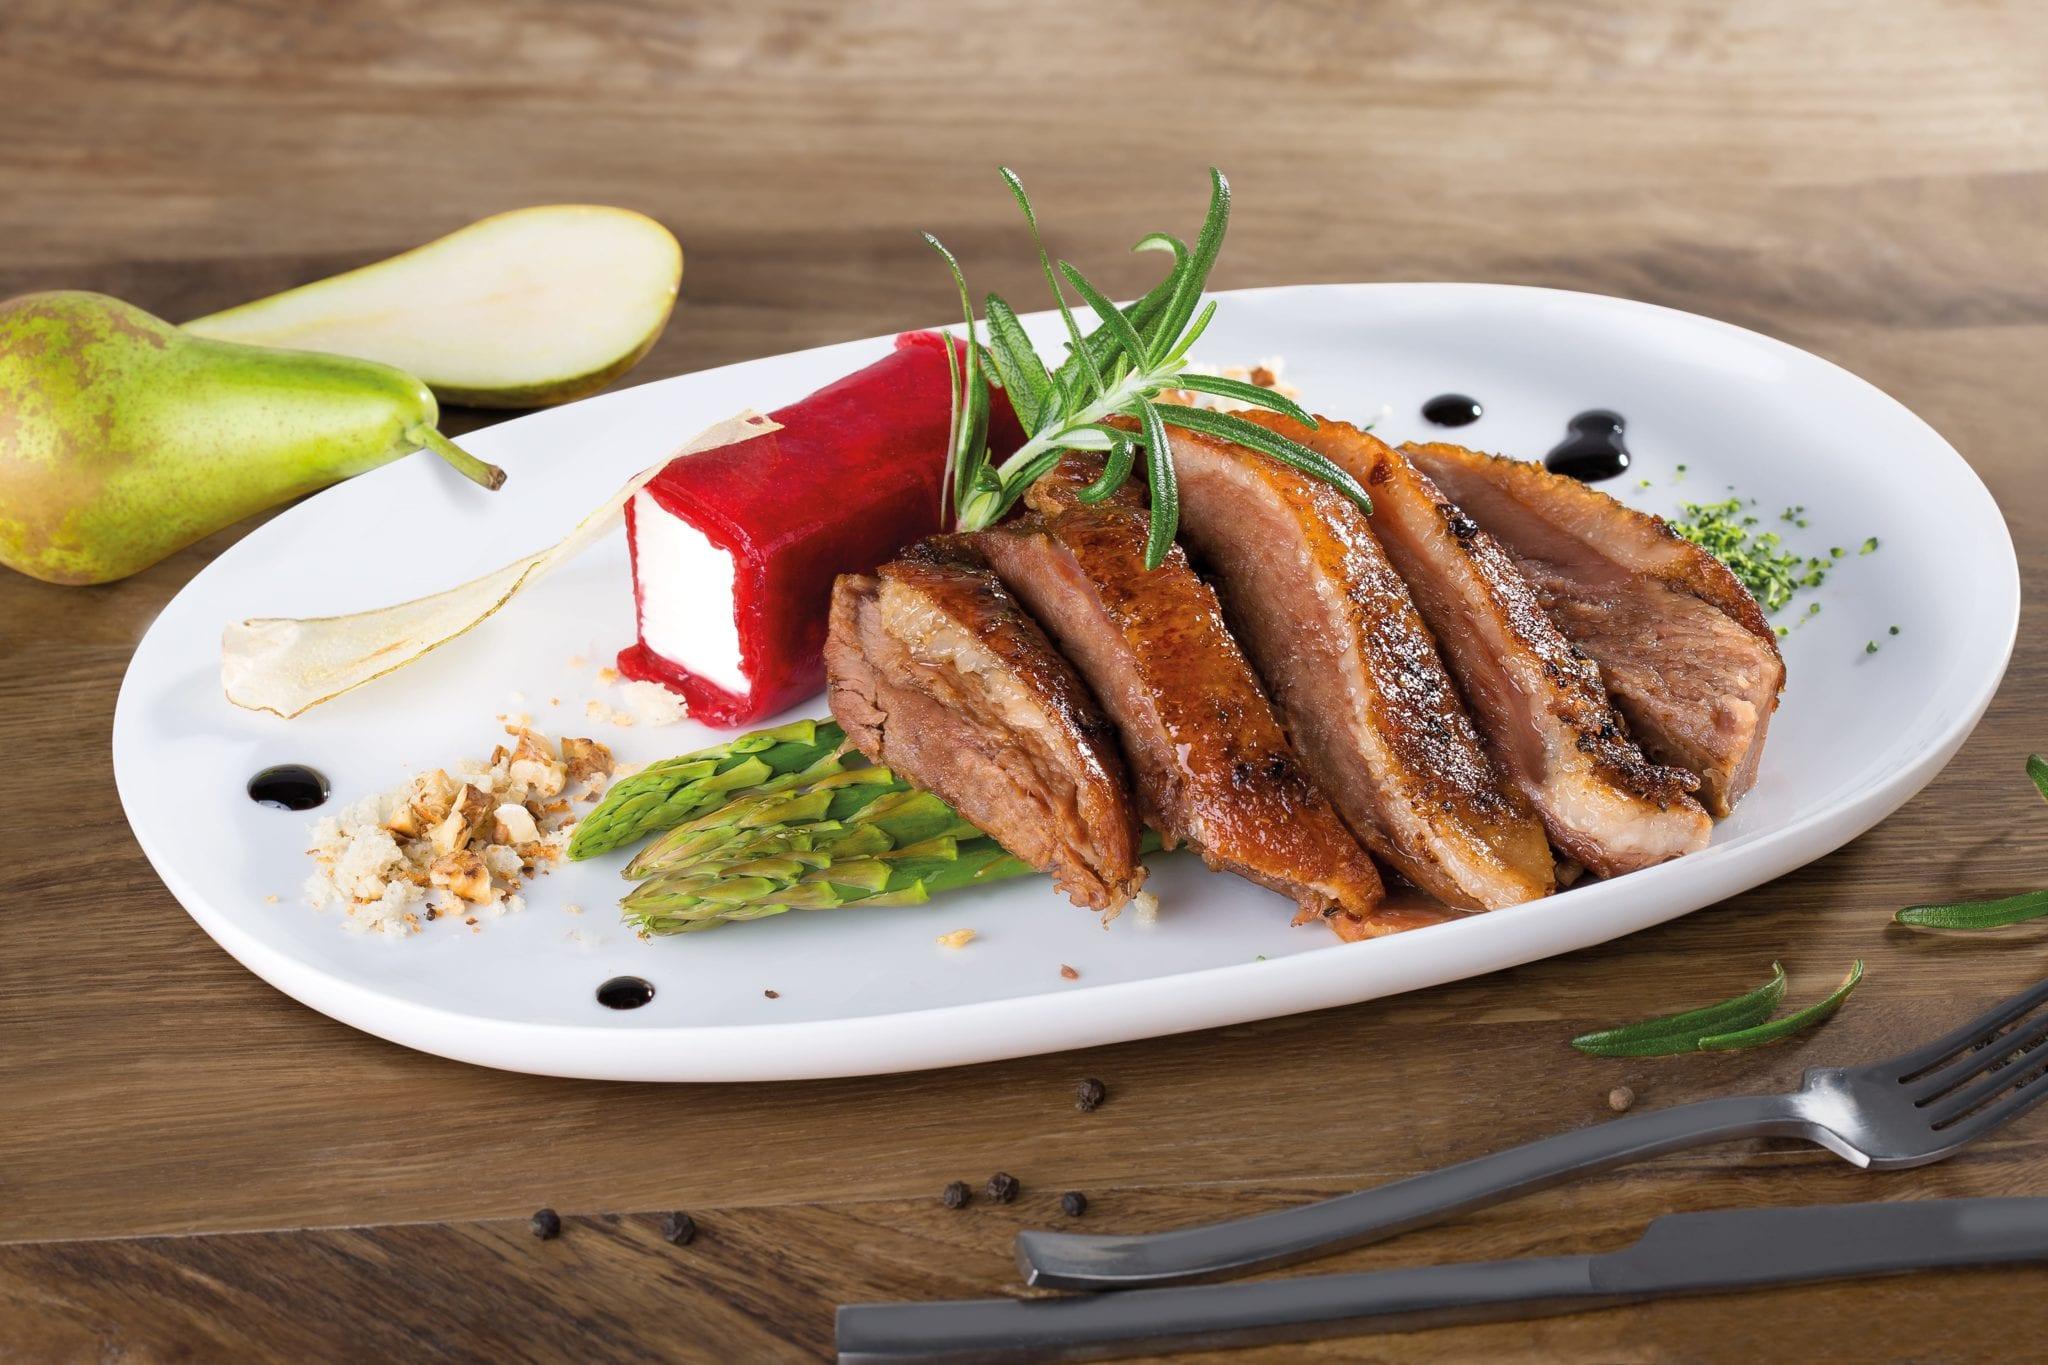 Zdjęcie produktowe dania z gęsi